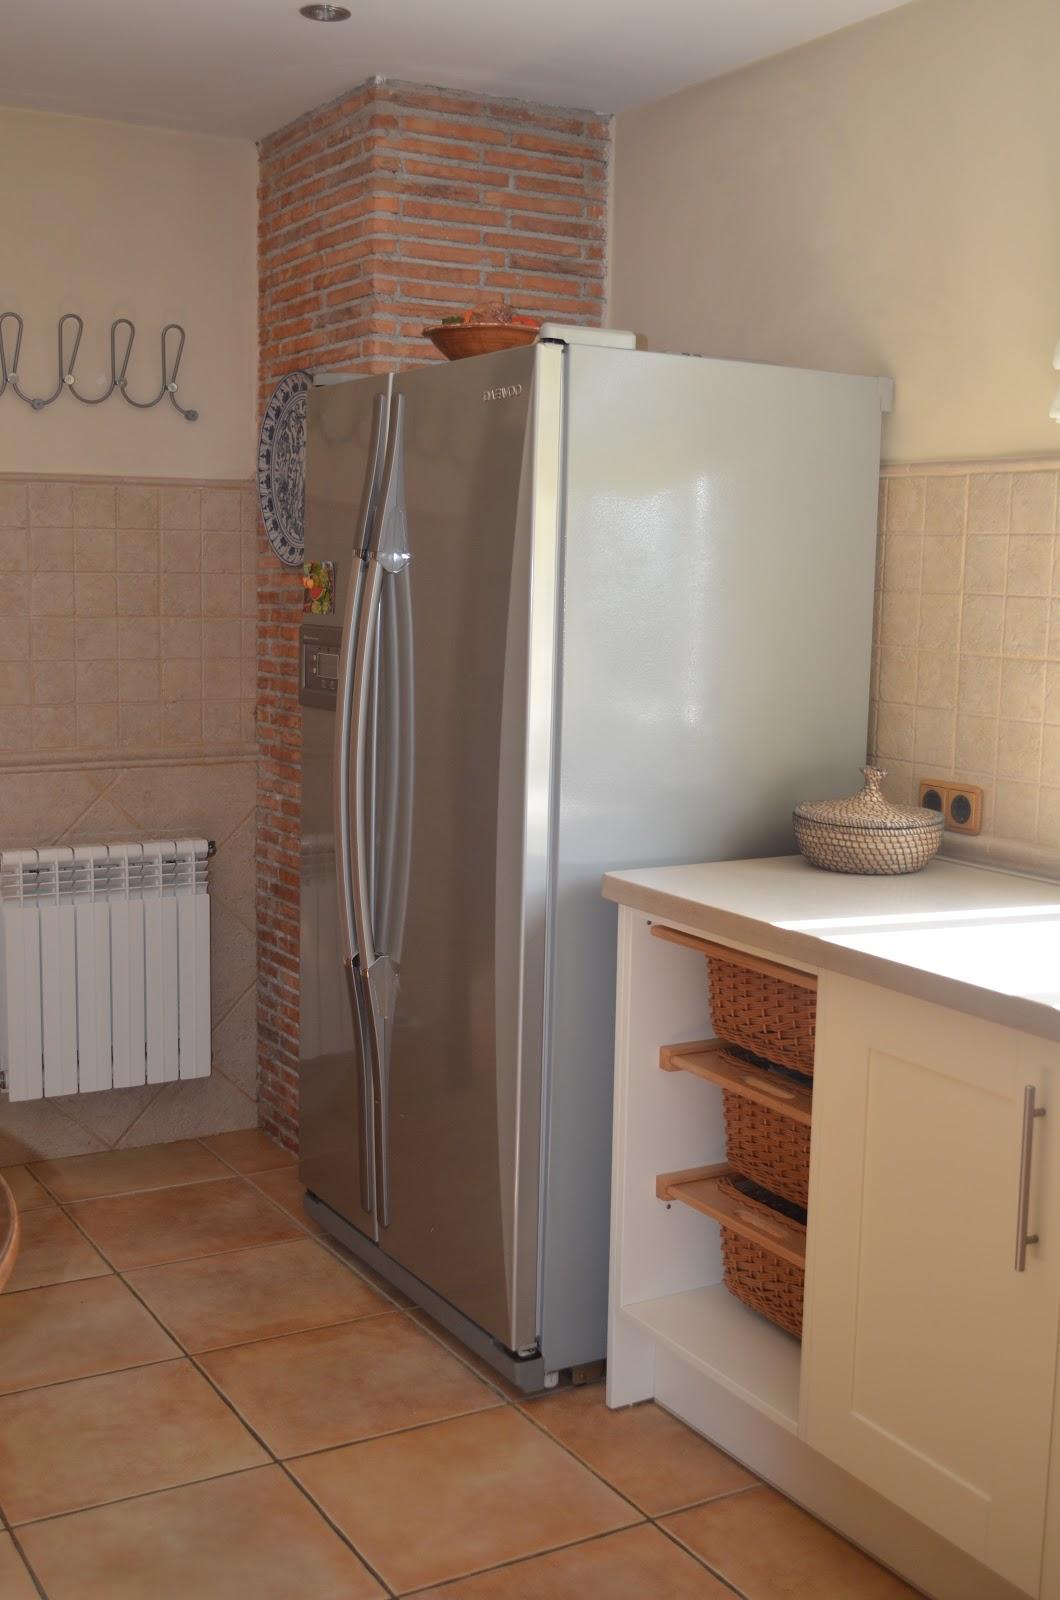 Cooking design art octubre 2012 - Cocinas blanco roto ...